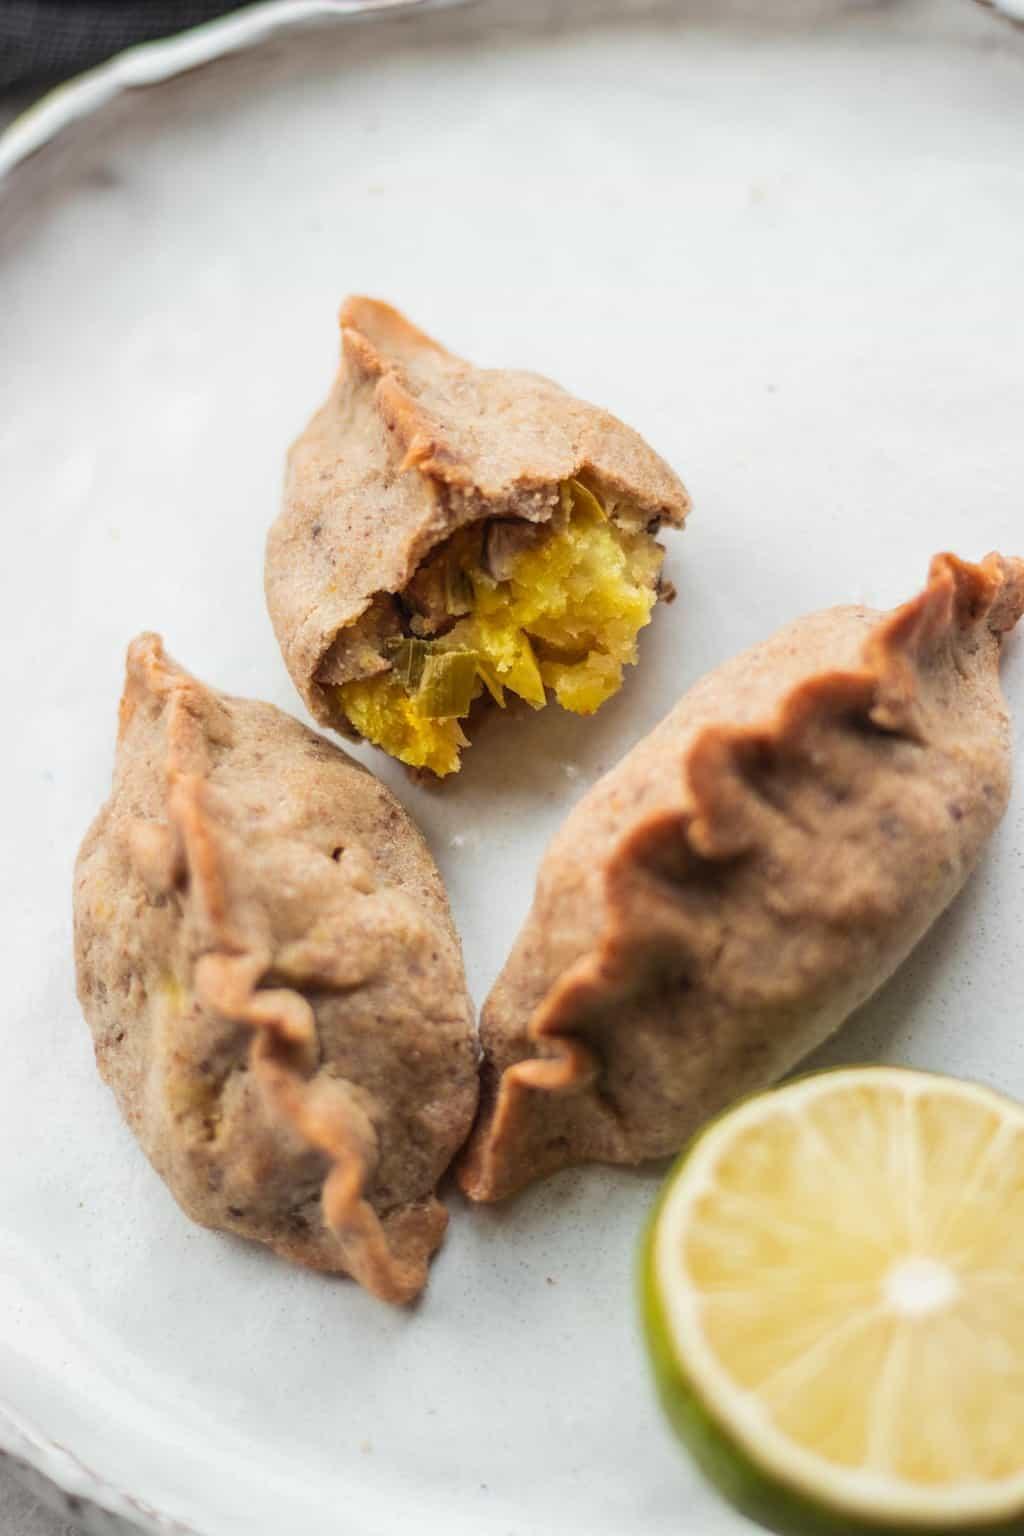 Gluten-free vegan piroshki recipe with mushrooms and potatoes